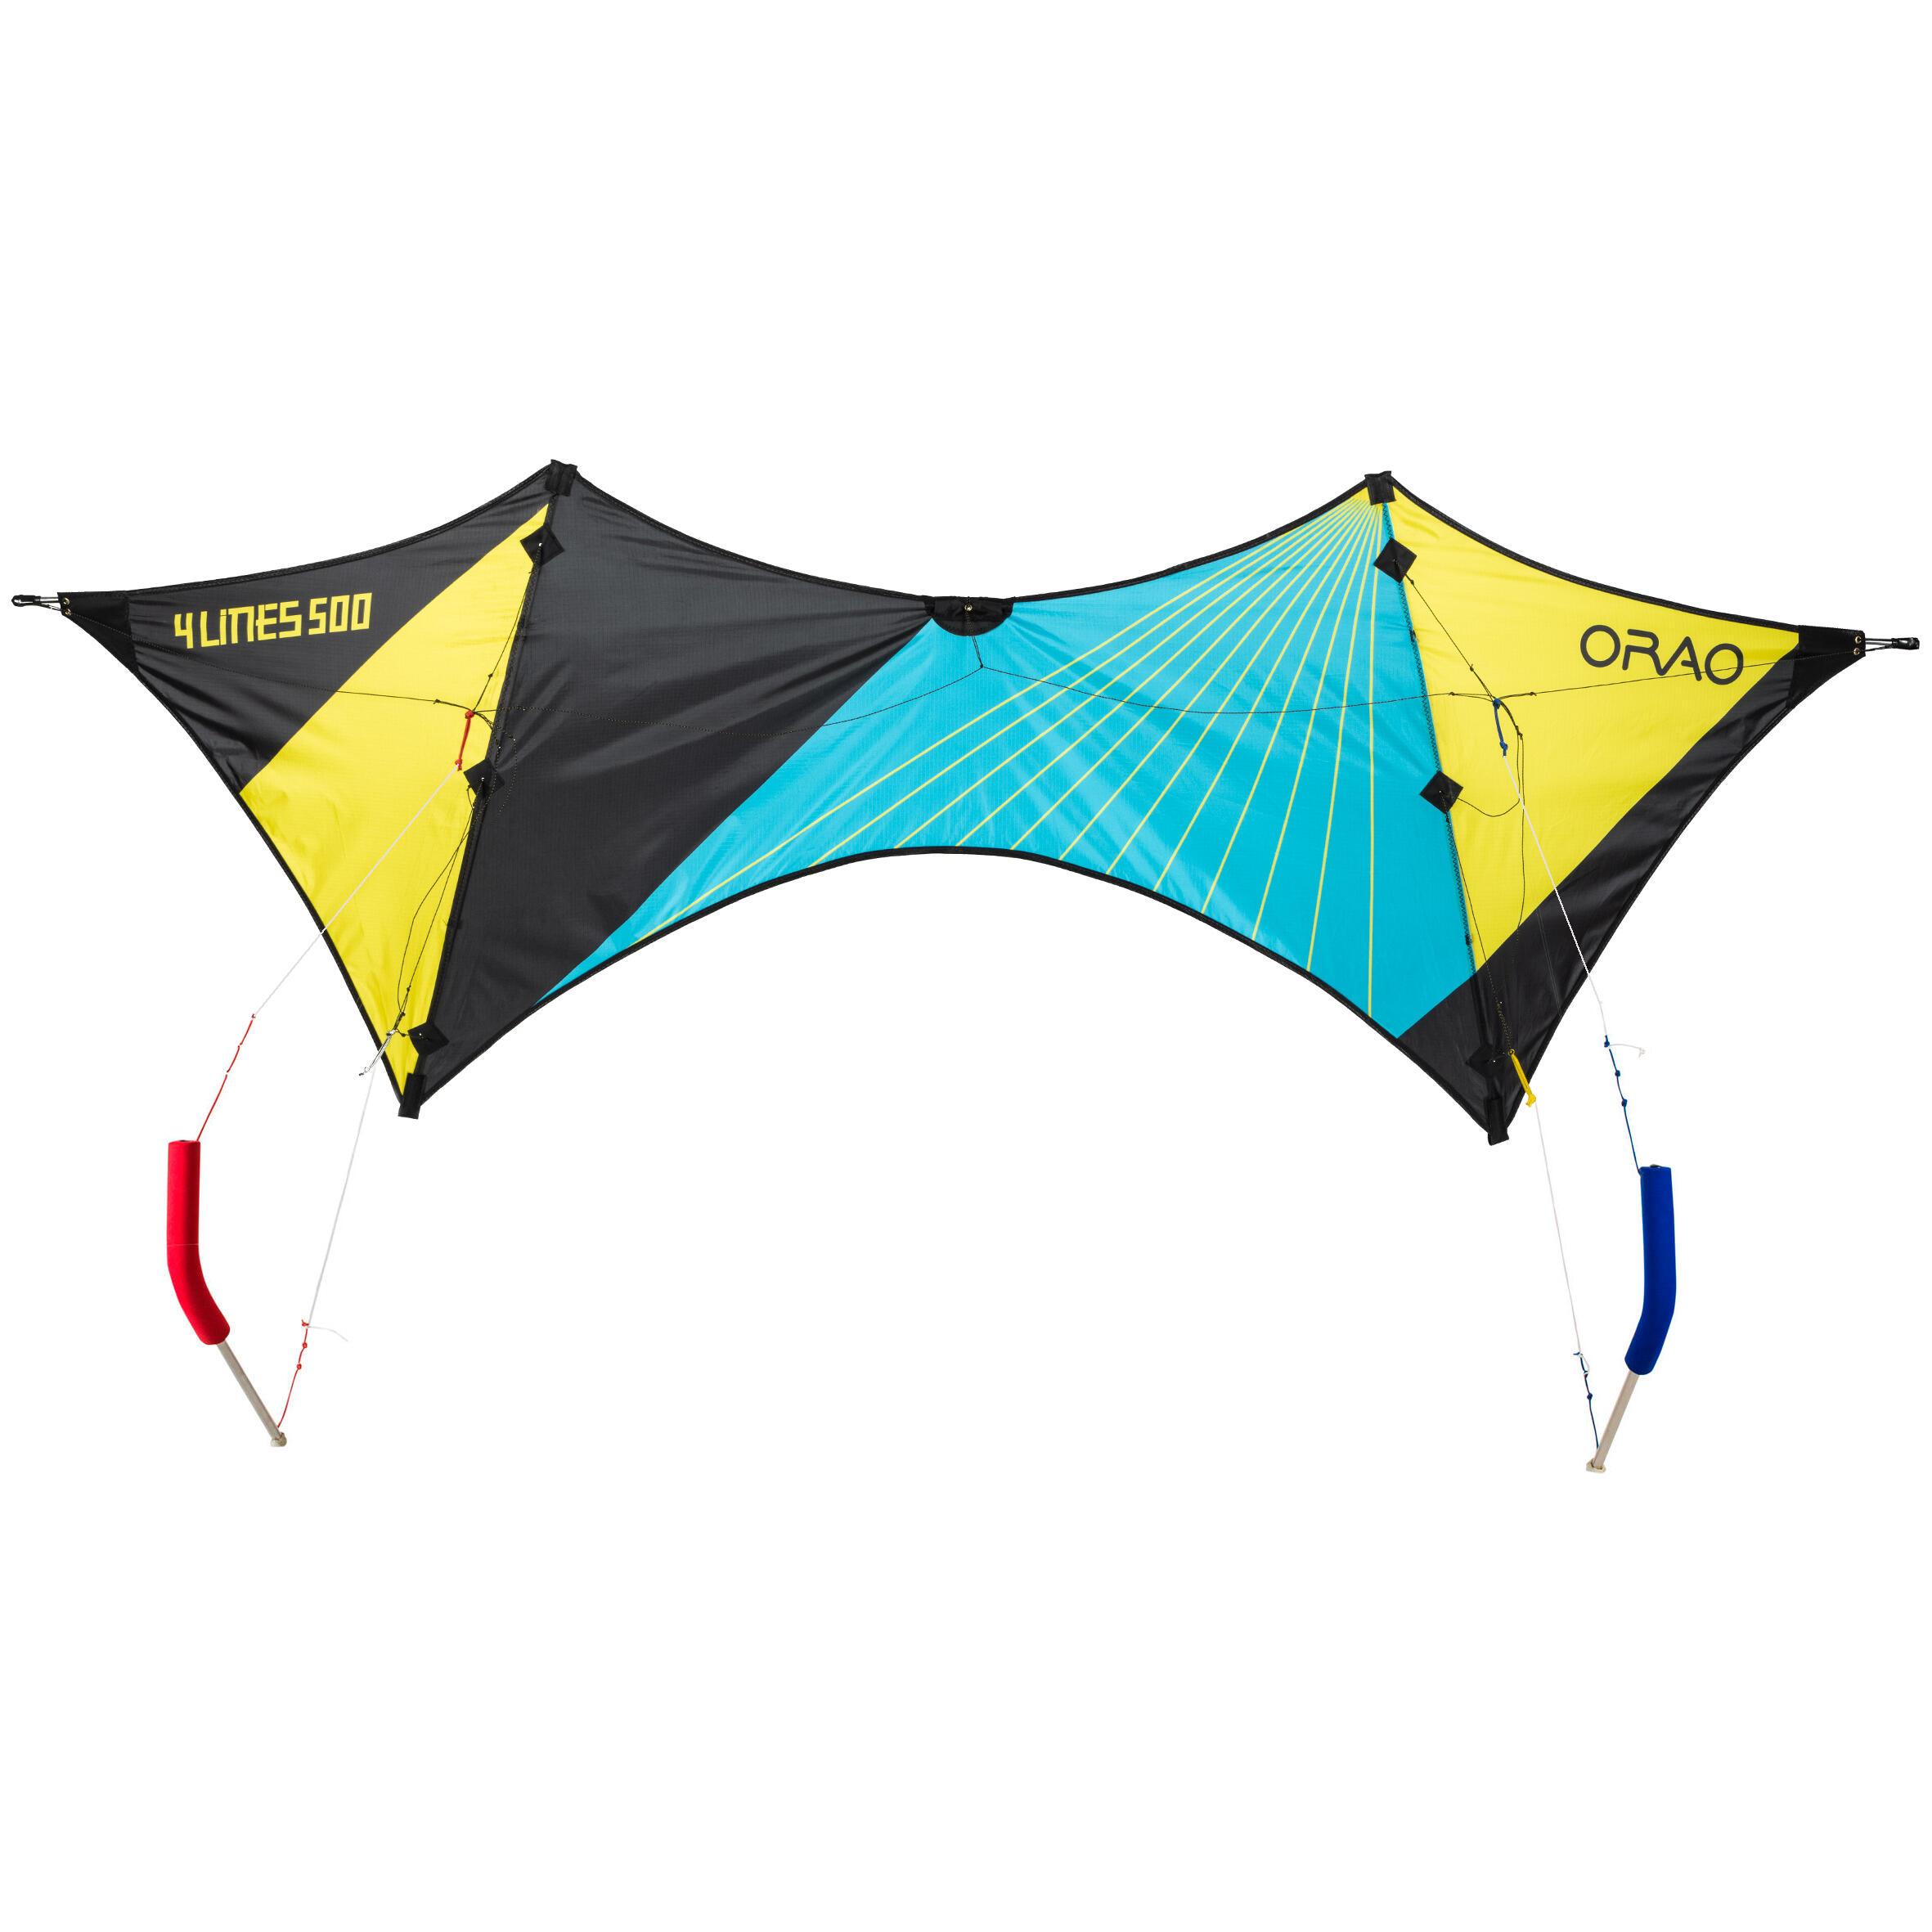 orao vierlijns vlieger fourlines 500 decathlon nlvierlijns vlieger fourlines 500